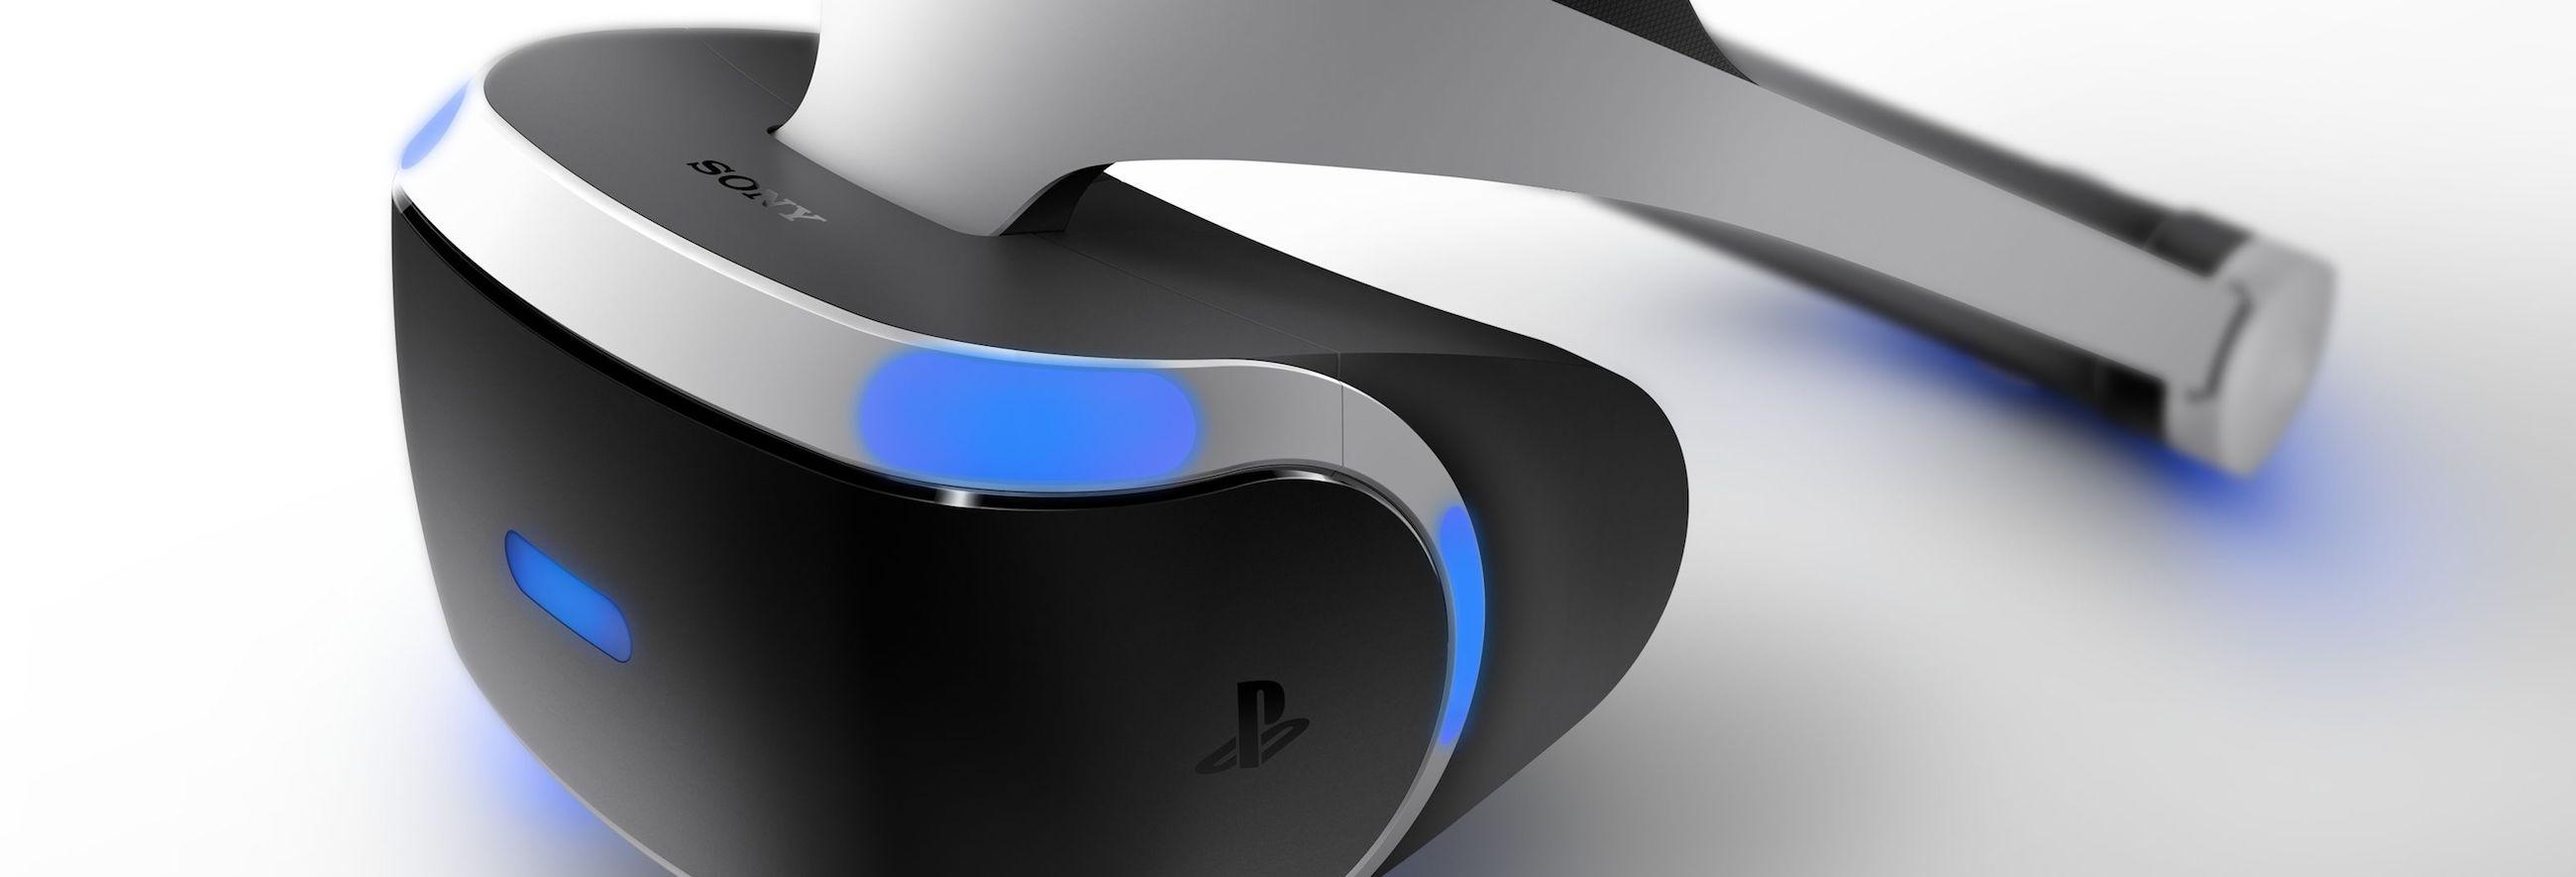 bandeau Sony Playstation VR : la liste des jeux compatibles disponibles et à venir